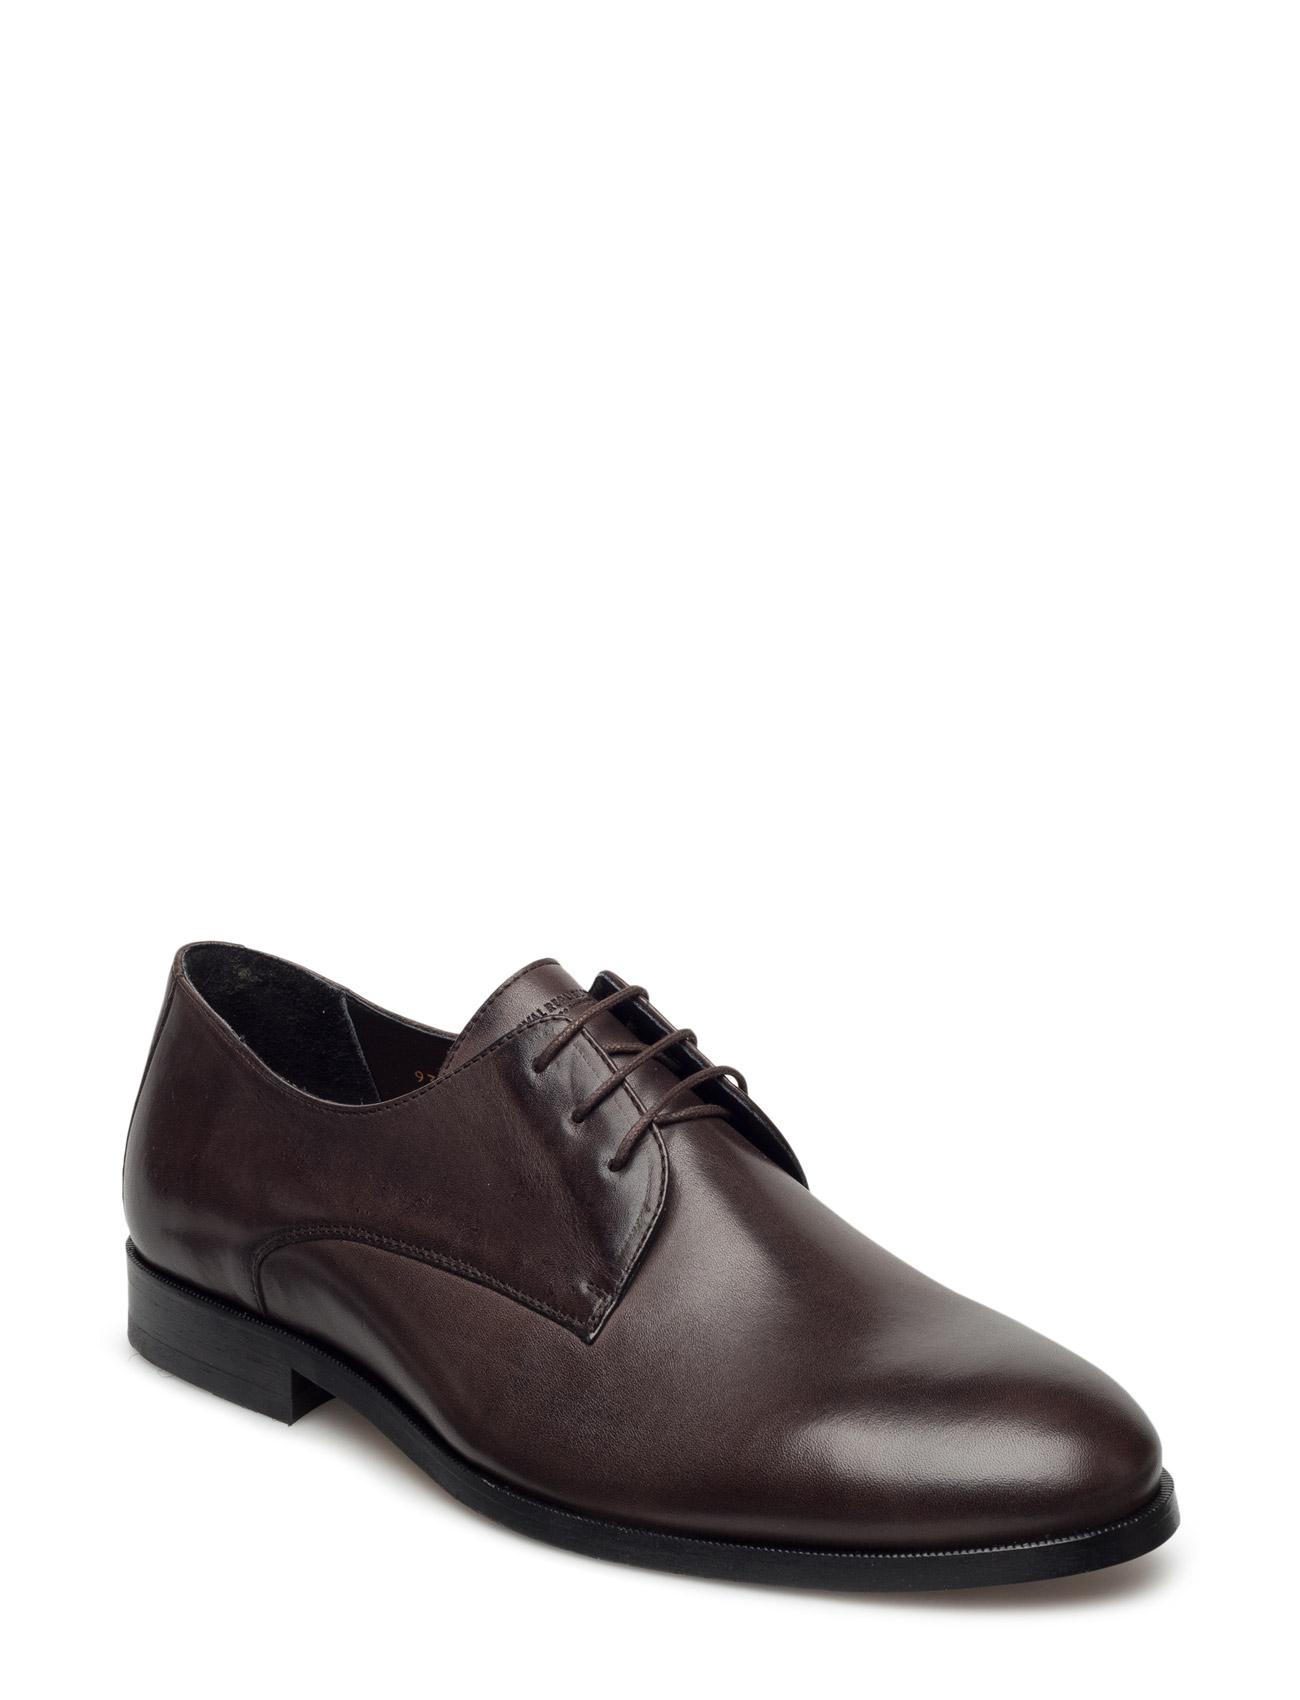 Cast Derby Shoe Classic Royal RepubliQ Business til Herrer i Brun